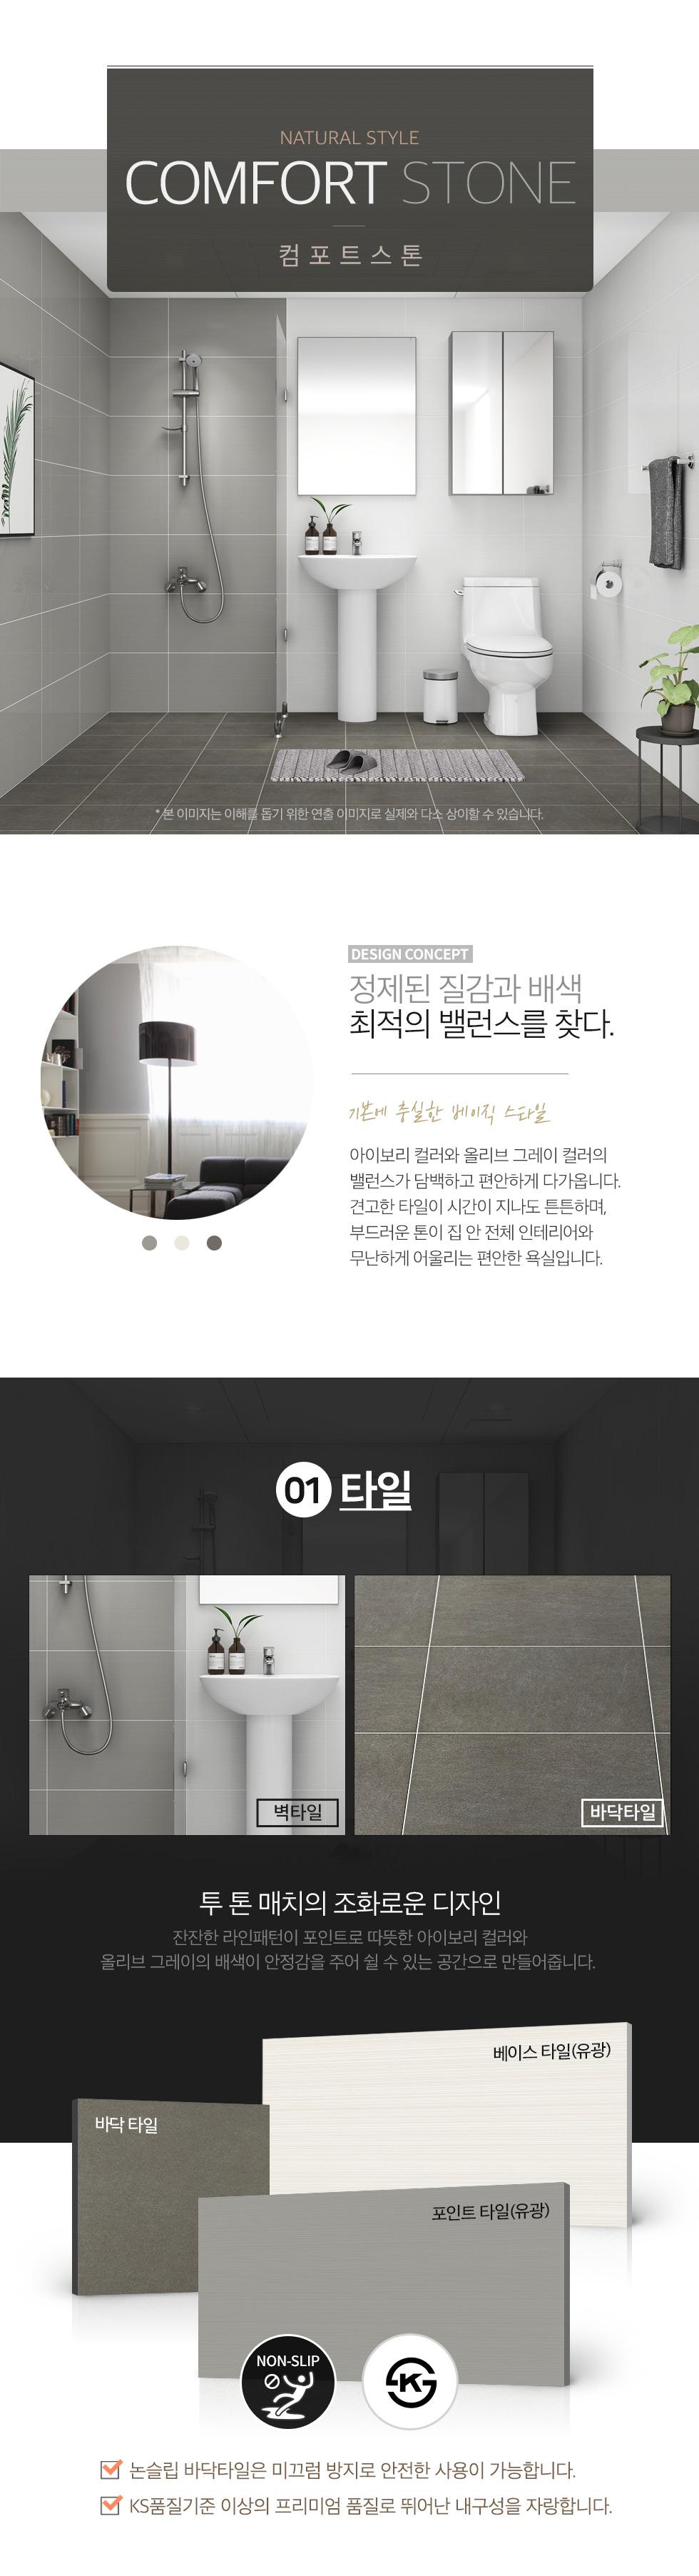 컴포트스톤 패키지소개01